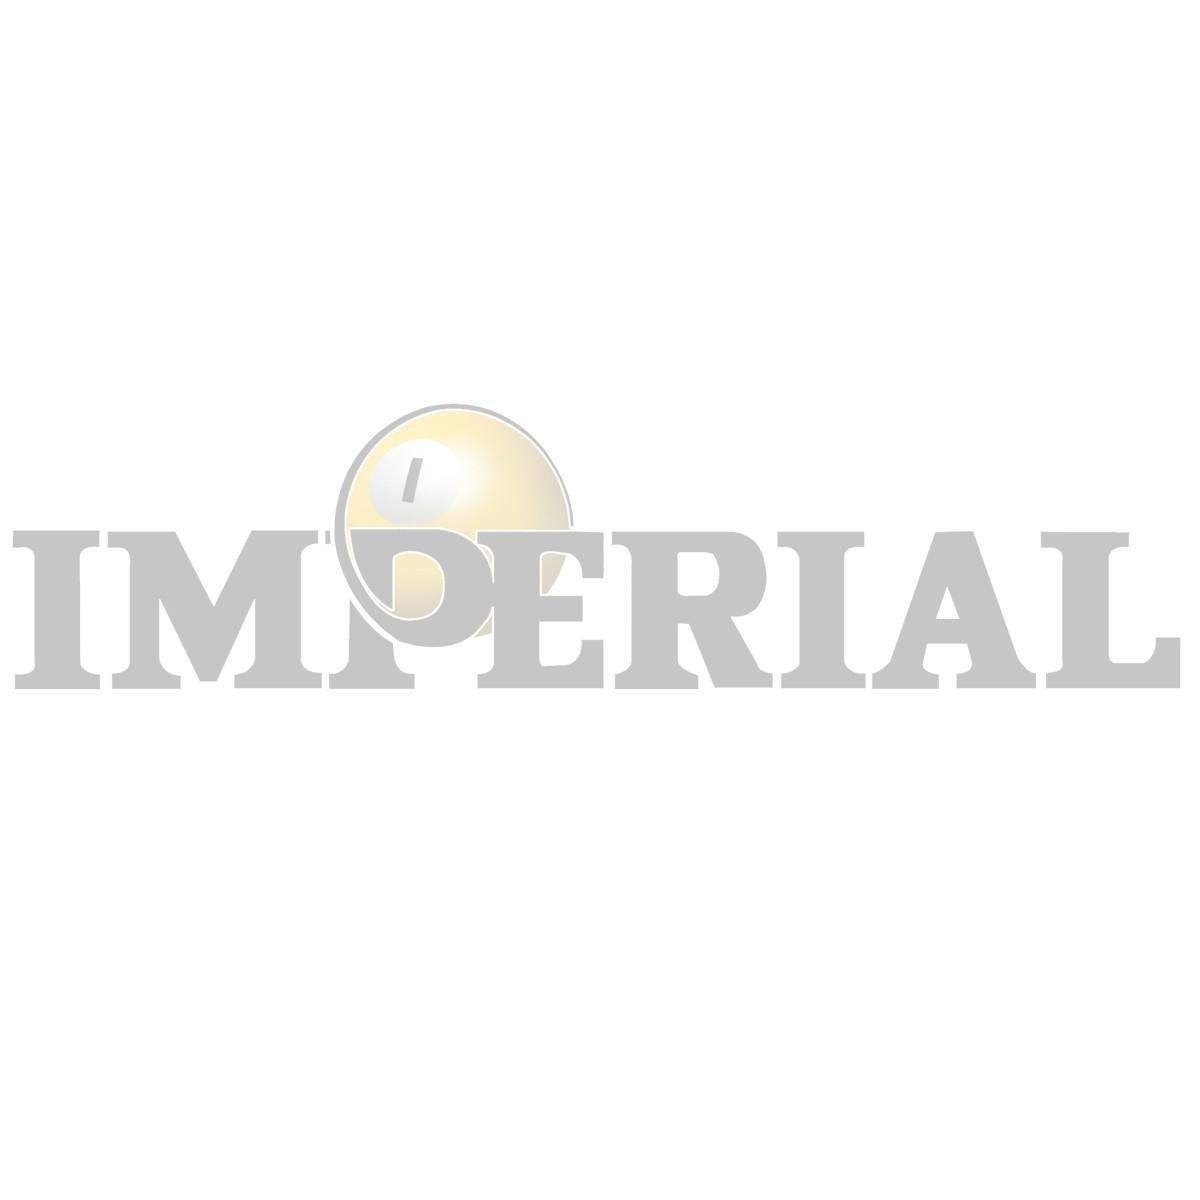 Carolina Panthers Home vs. Away Billiard Ball Set